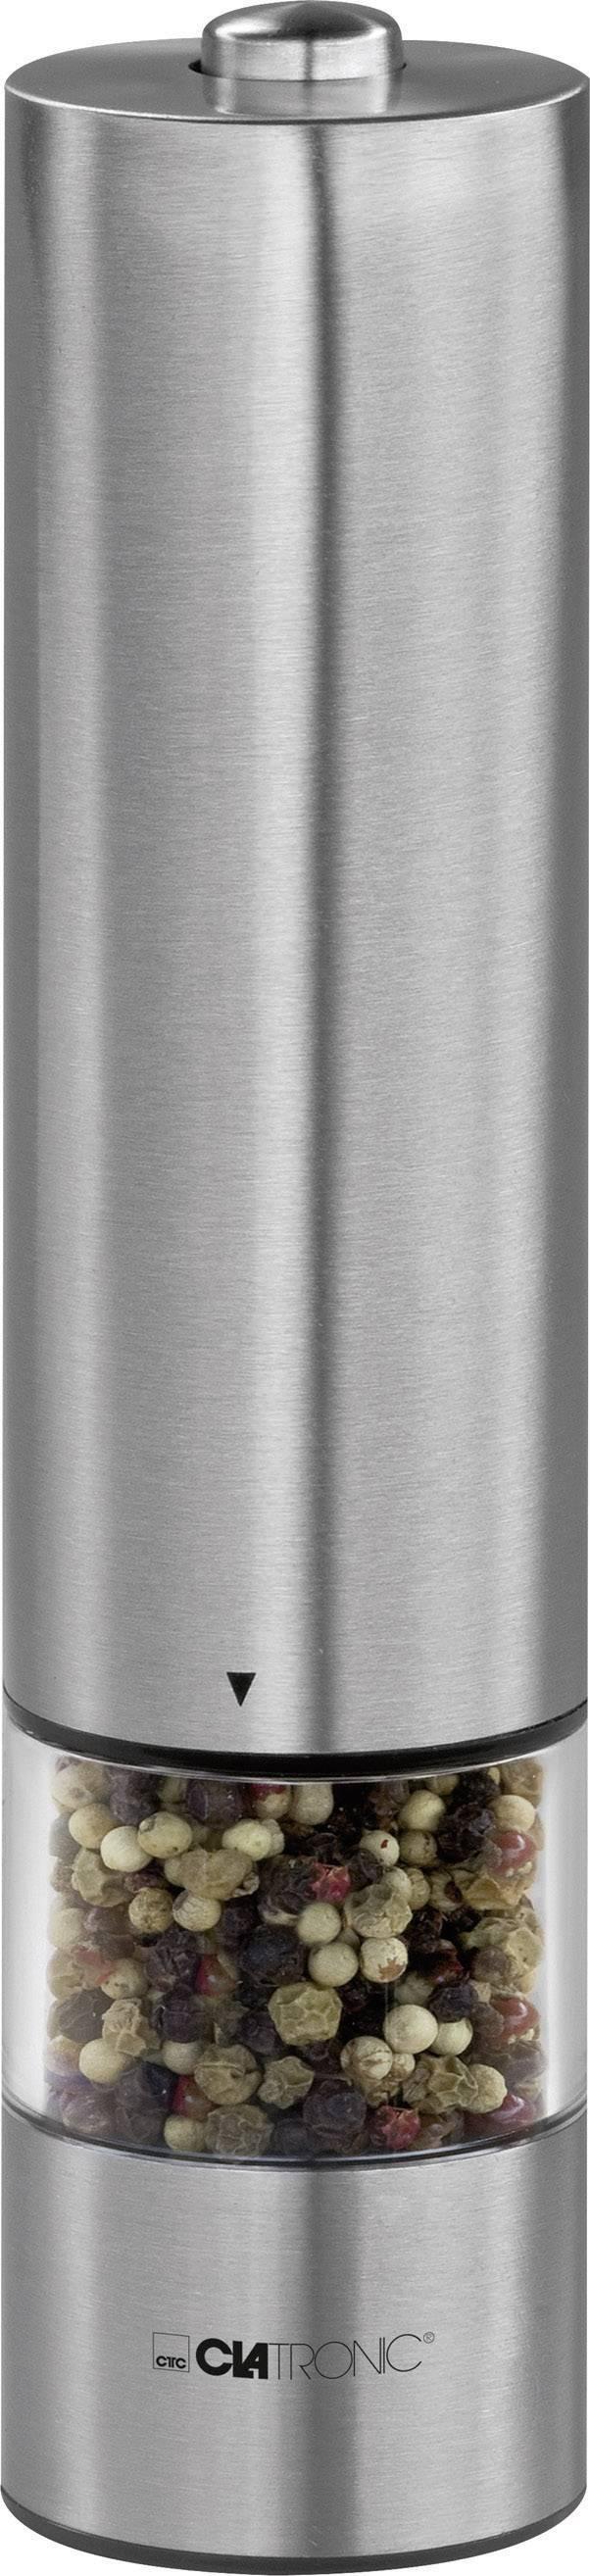 Elektronický mlynček na soľ a korenie Clatronic PSM 3004 N